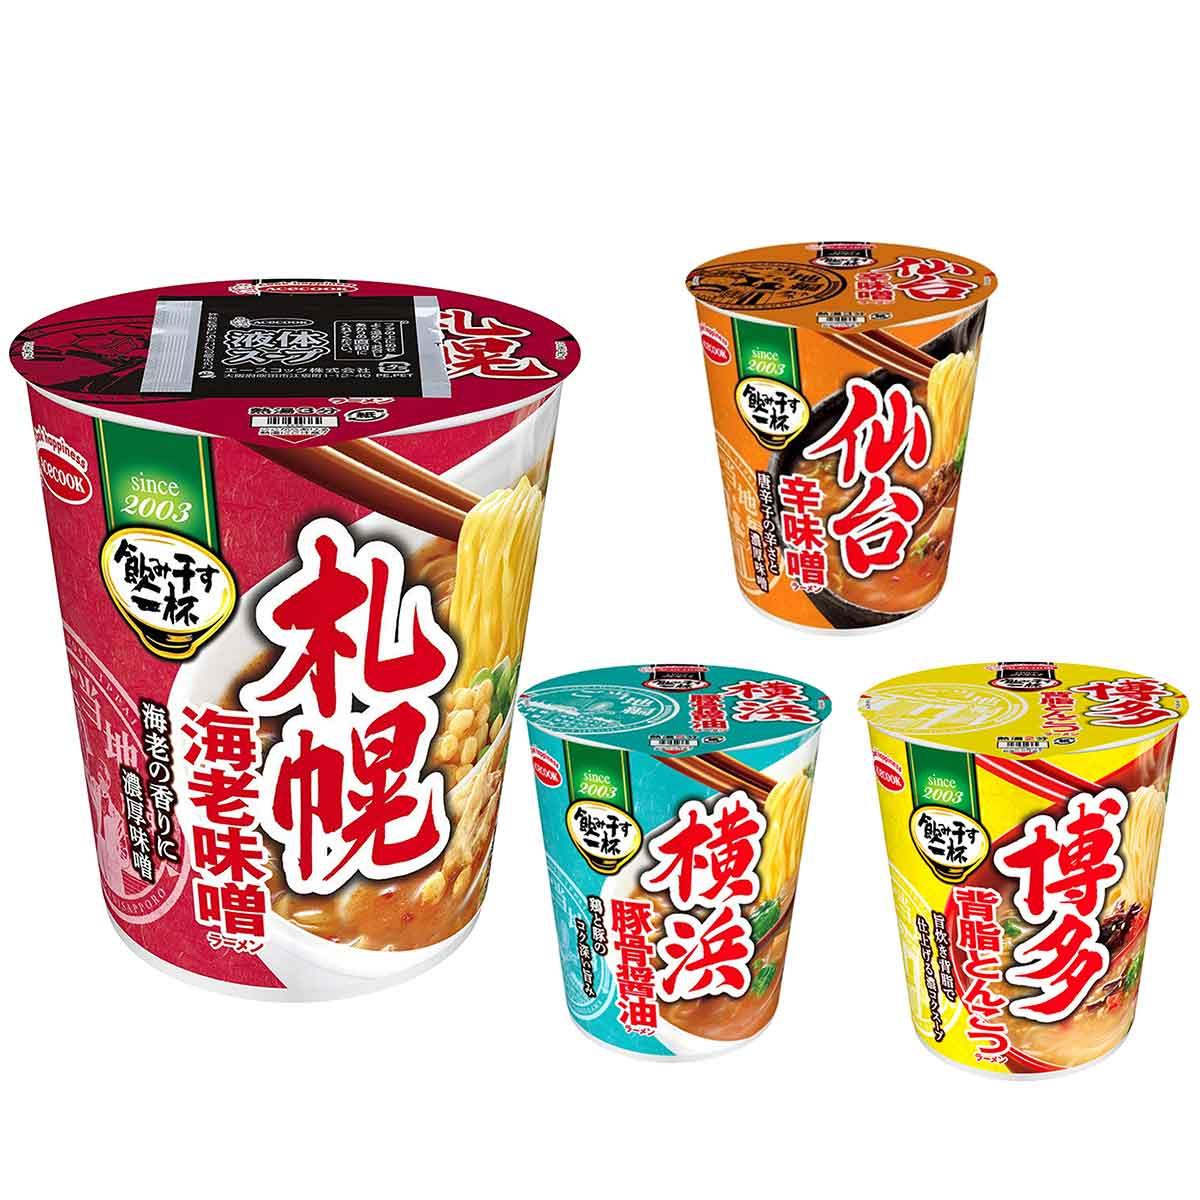 杯麵 博多豚骨 札幌味噌 仙台辛味噌 橫浜醬油 泡麵 日本進口製造